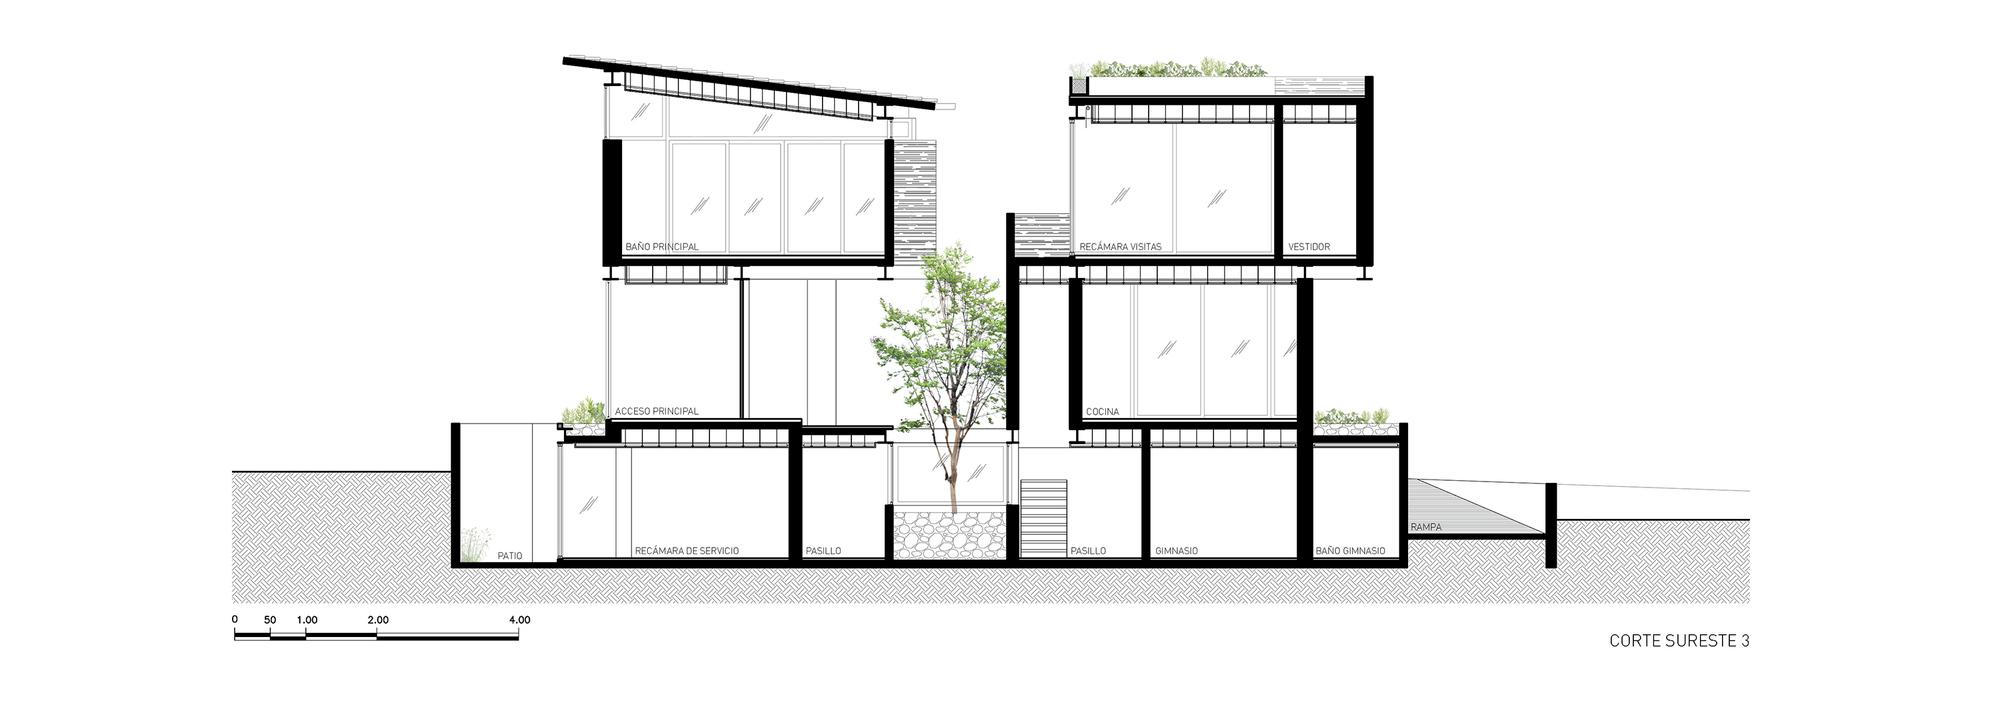 Galer a de casa v9 vgz arquitectura y dise o 26 - Diseno y arquitectura ...